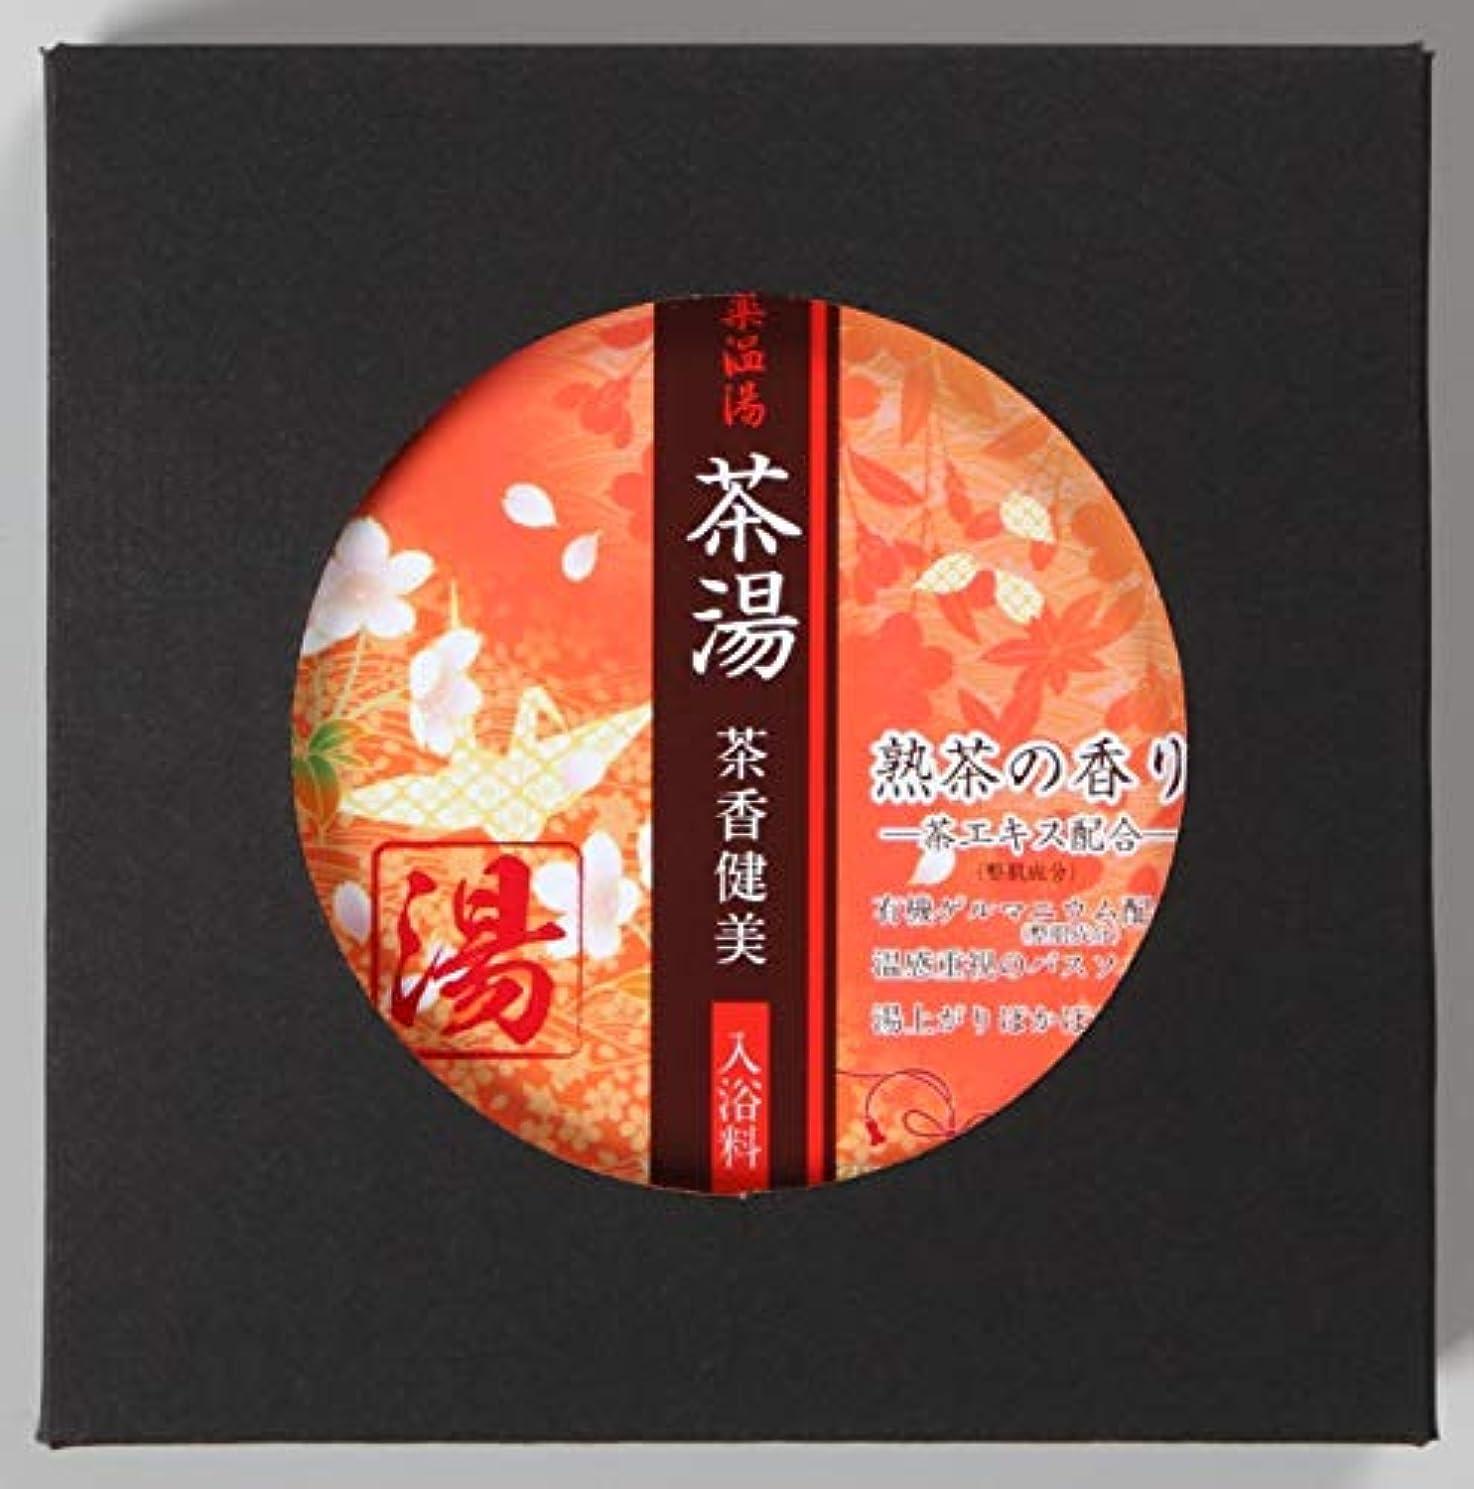 渦倉庫最後の薬温湯 茶湯 入浴料 熟茶の香り POF-10J